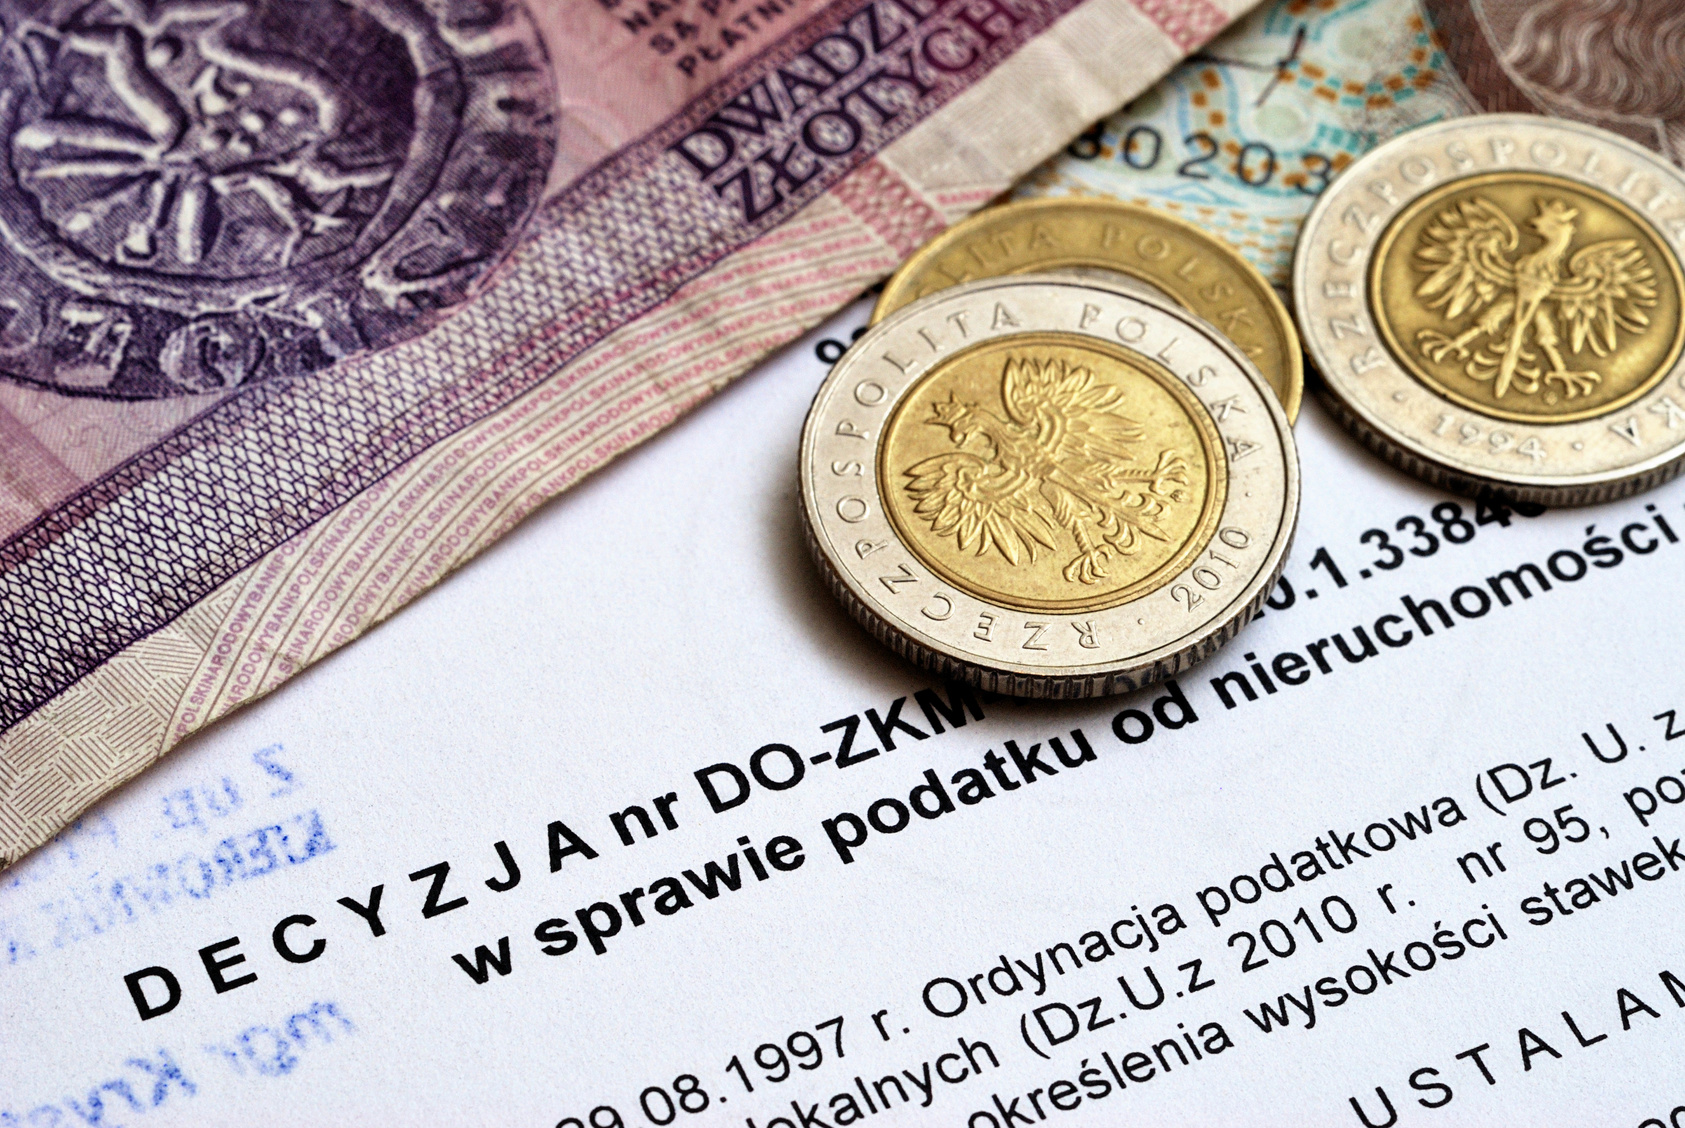 Dokument z decyzją podatkową. Na nim leżą monety i banknoty